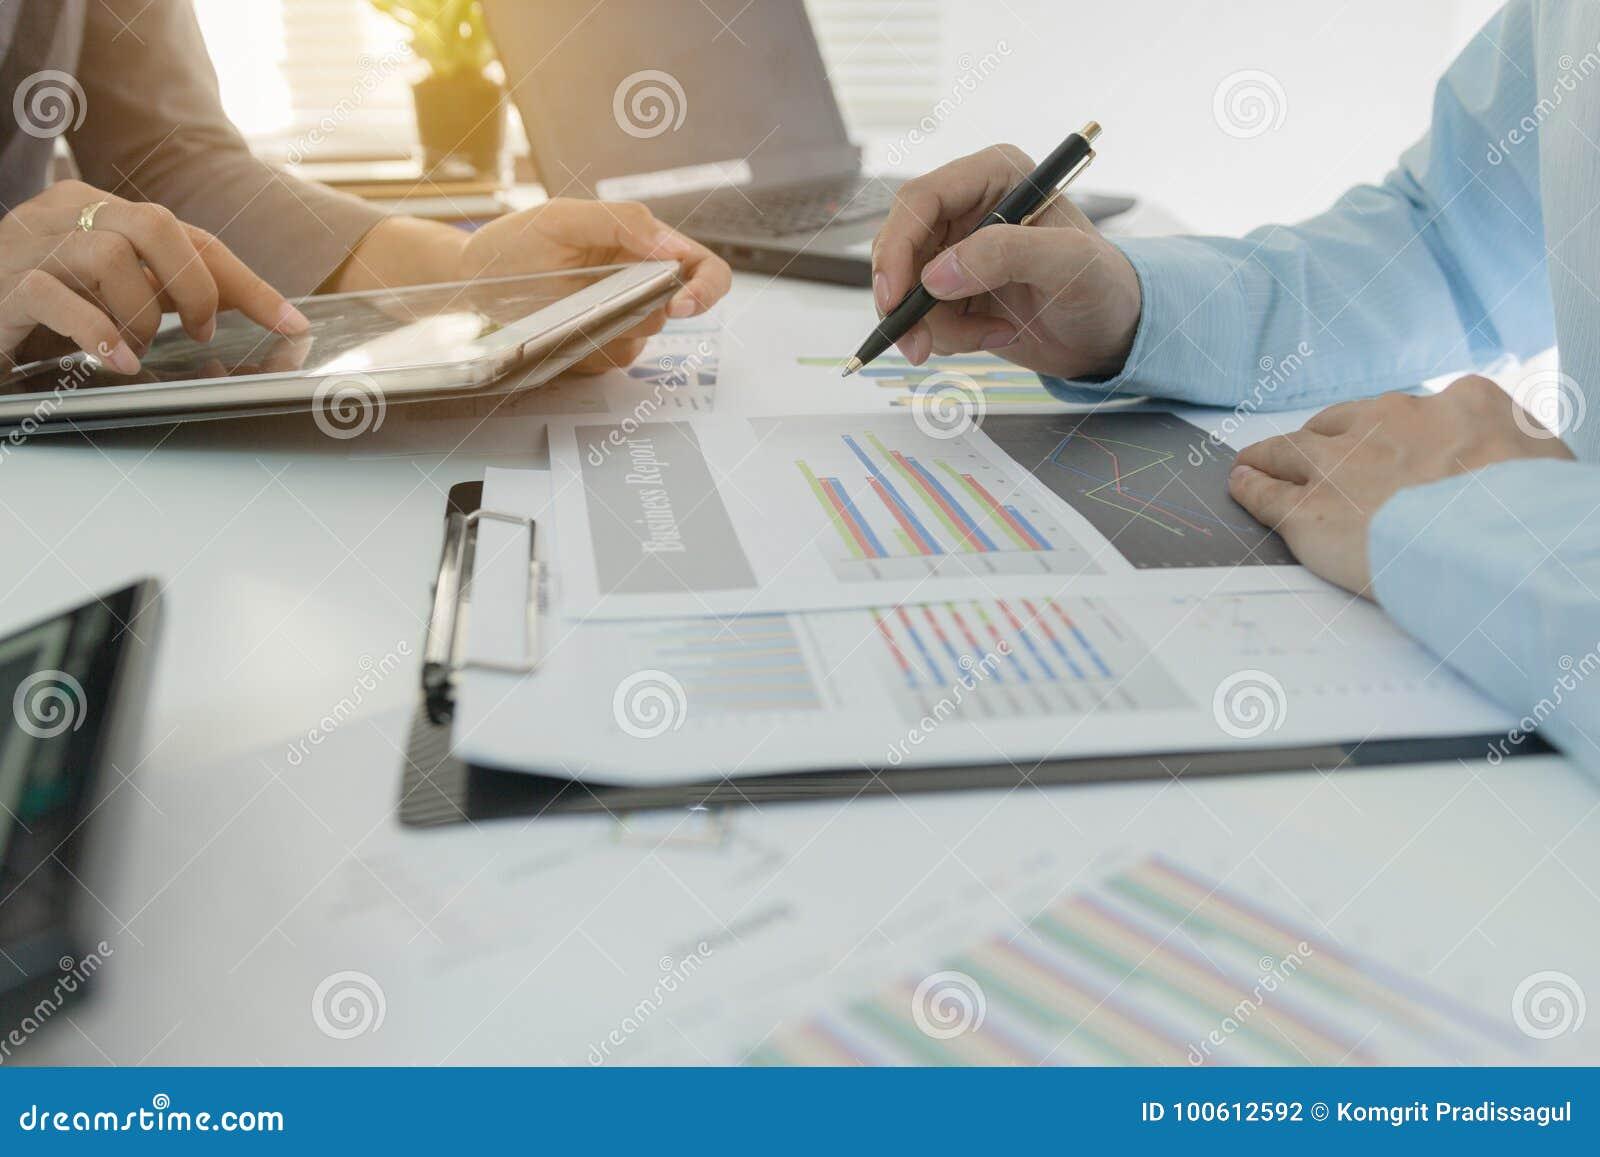 Επενδυτών εκτελεστικά συζήτησης στοιχεία γραφικών παραστάσεων σχεδίων οικονομικά όσον αφορά τον πίνακα γραφείων με το lap-top και